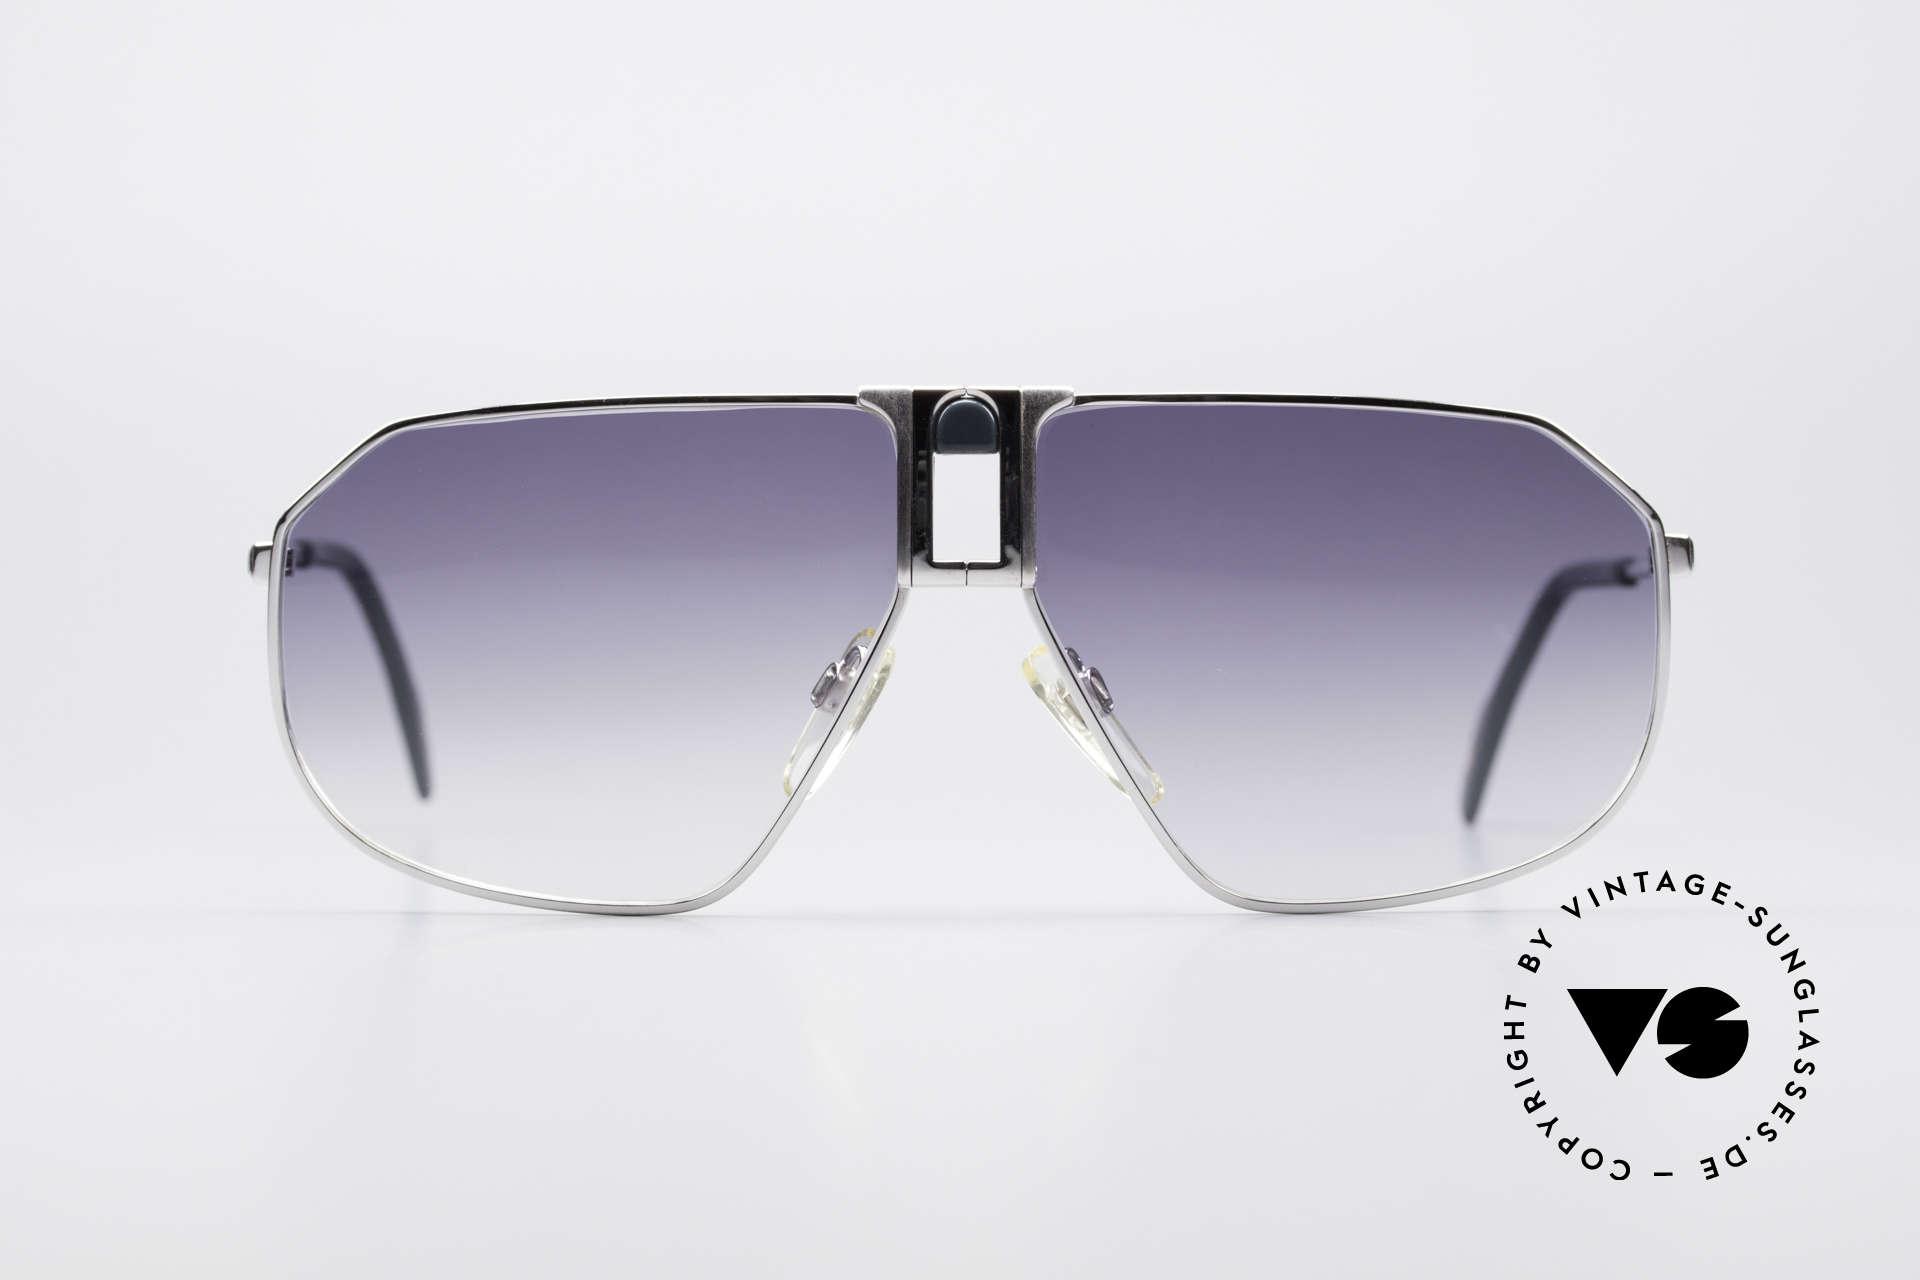 Longines 0153 Large Vintage Sonnenbrille, sehr edler Rahmen mit flexiblen Federscharnieren, Passend für Herren